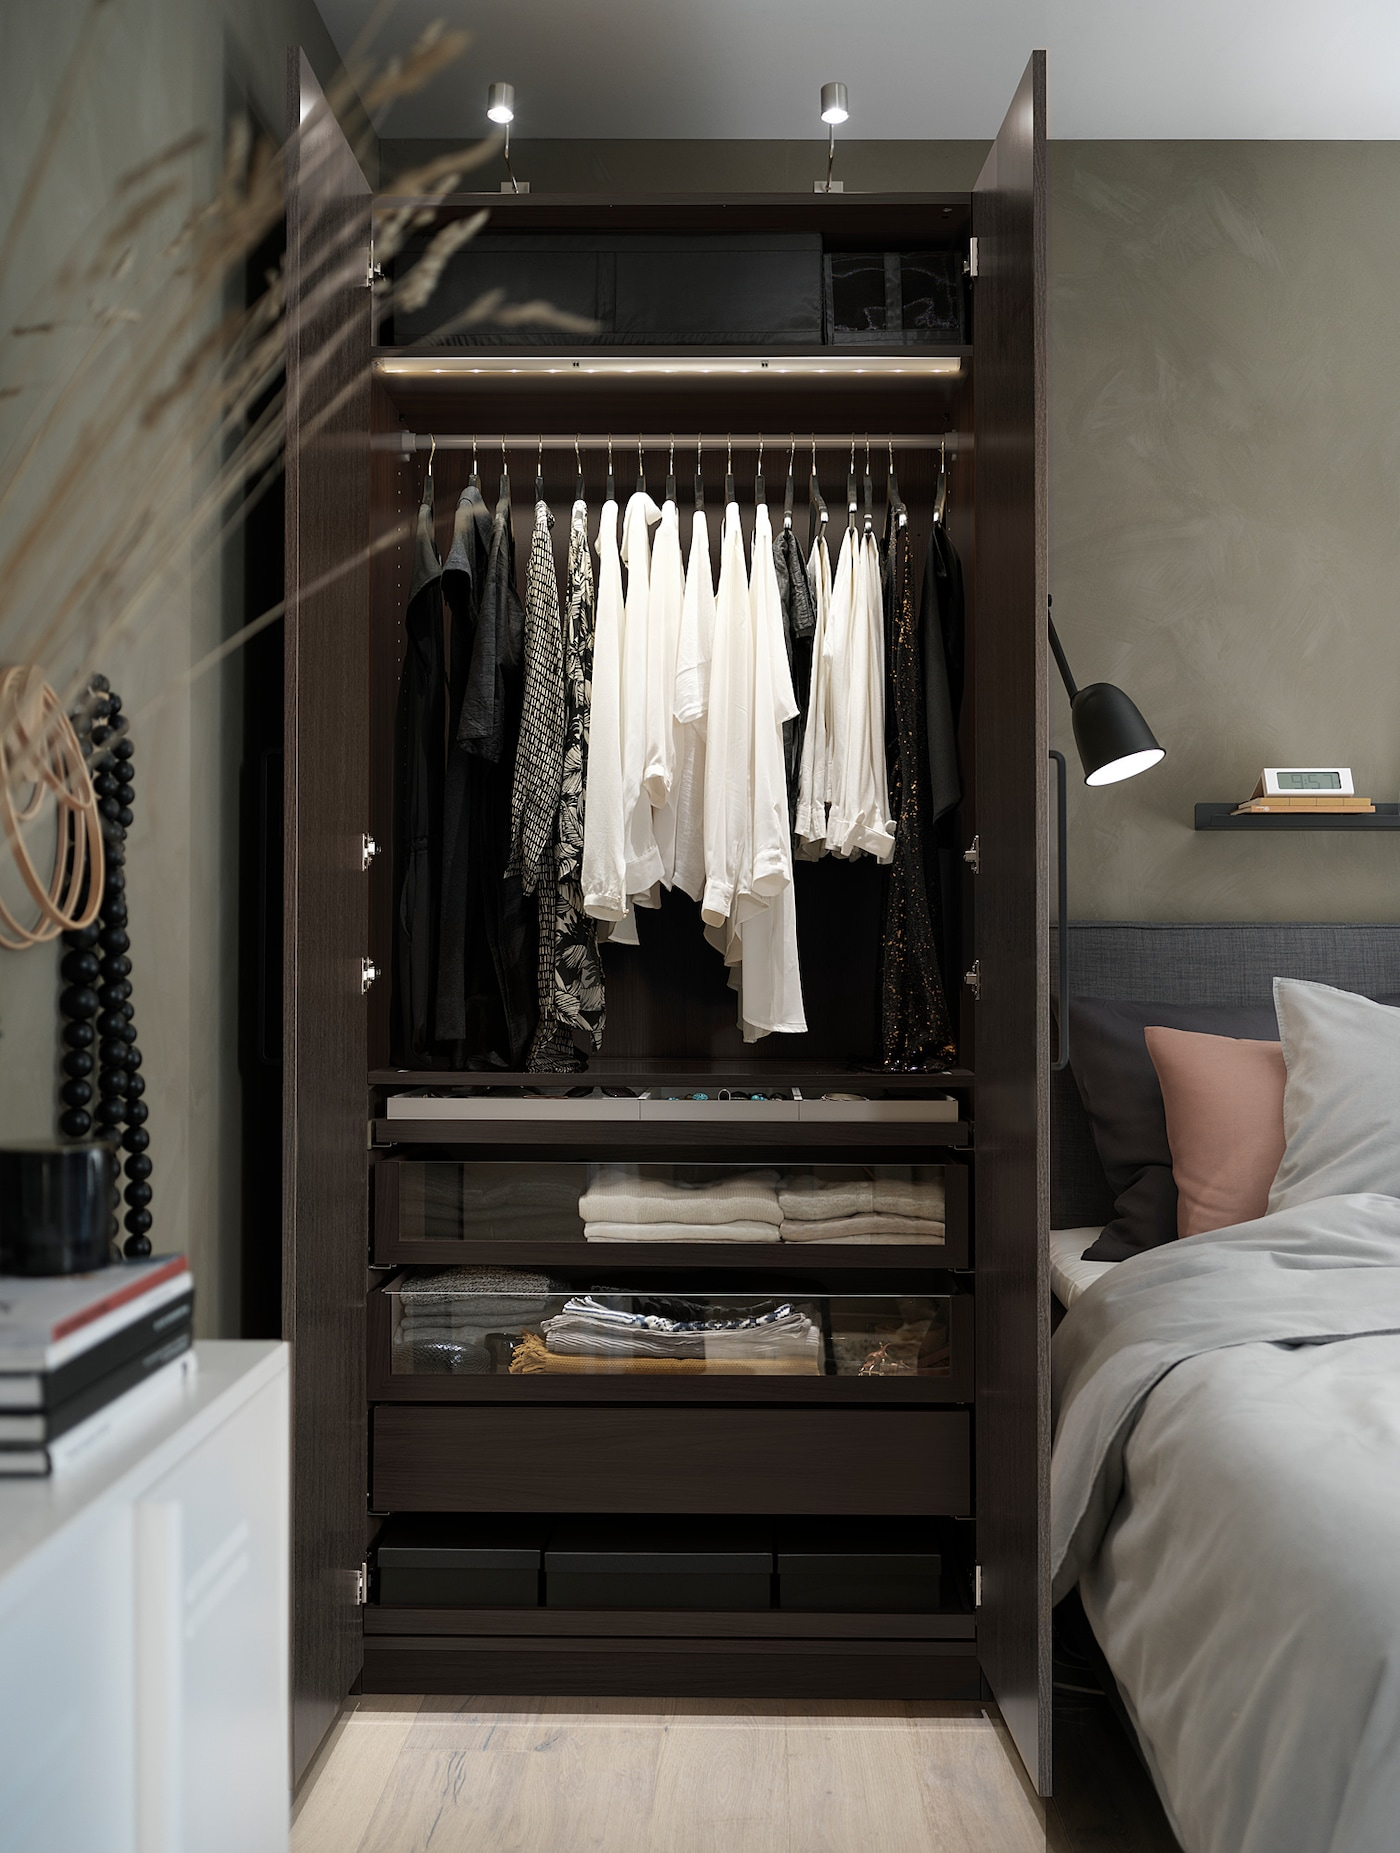 Pax Caisson D Armoire Brun Noir 100x58x236 Cm Ikea